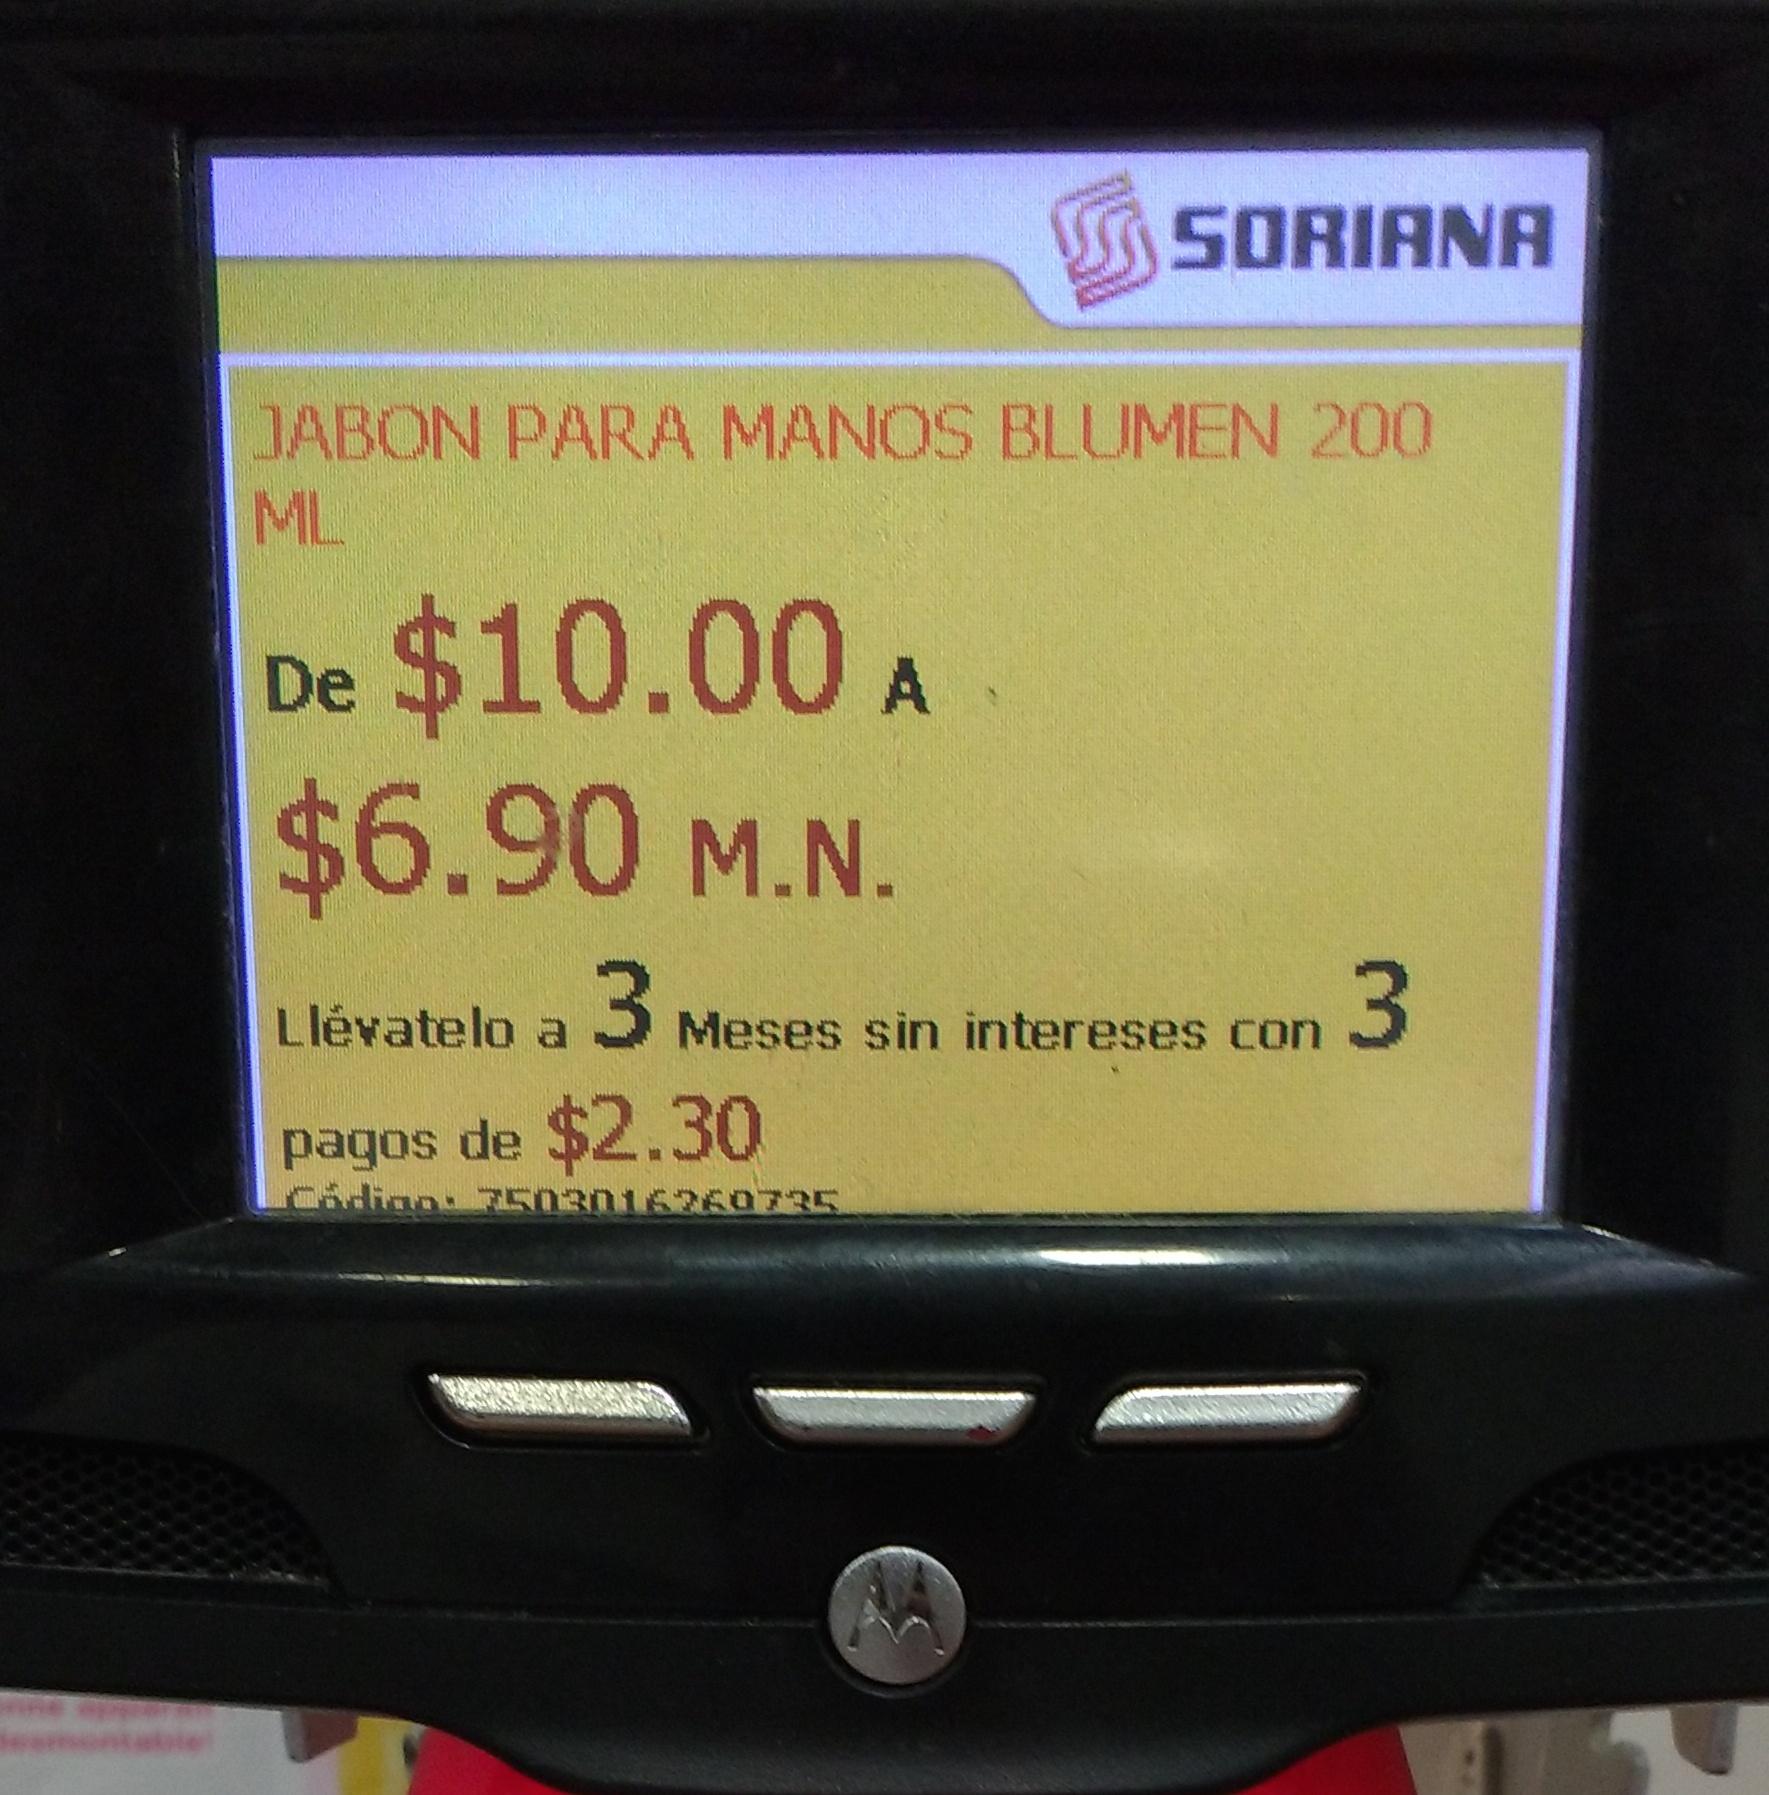 Soriana: Jabón líquido Blumen 200 ml de $10.00 a $6.90